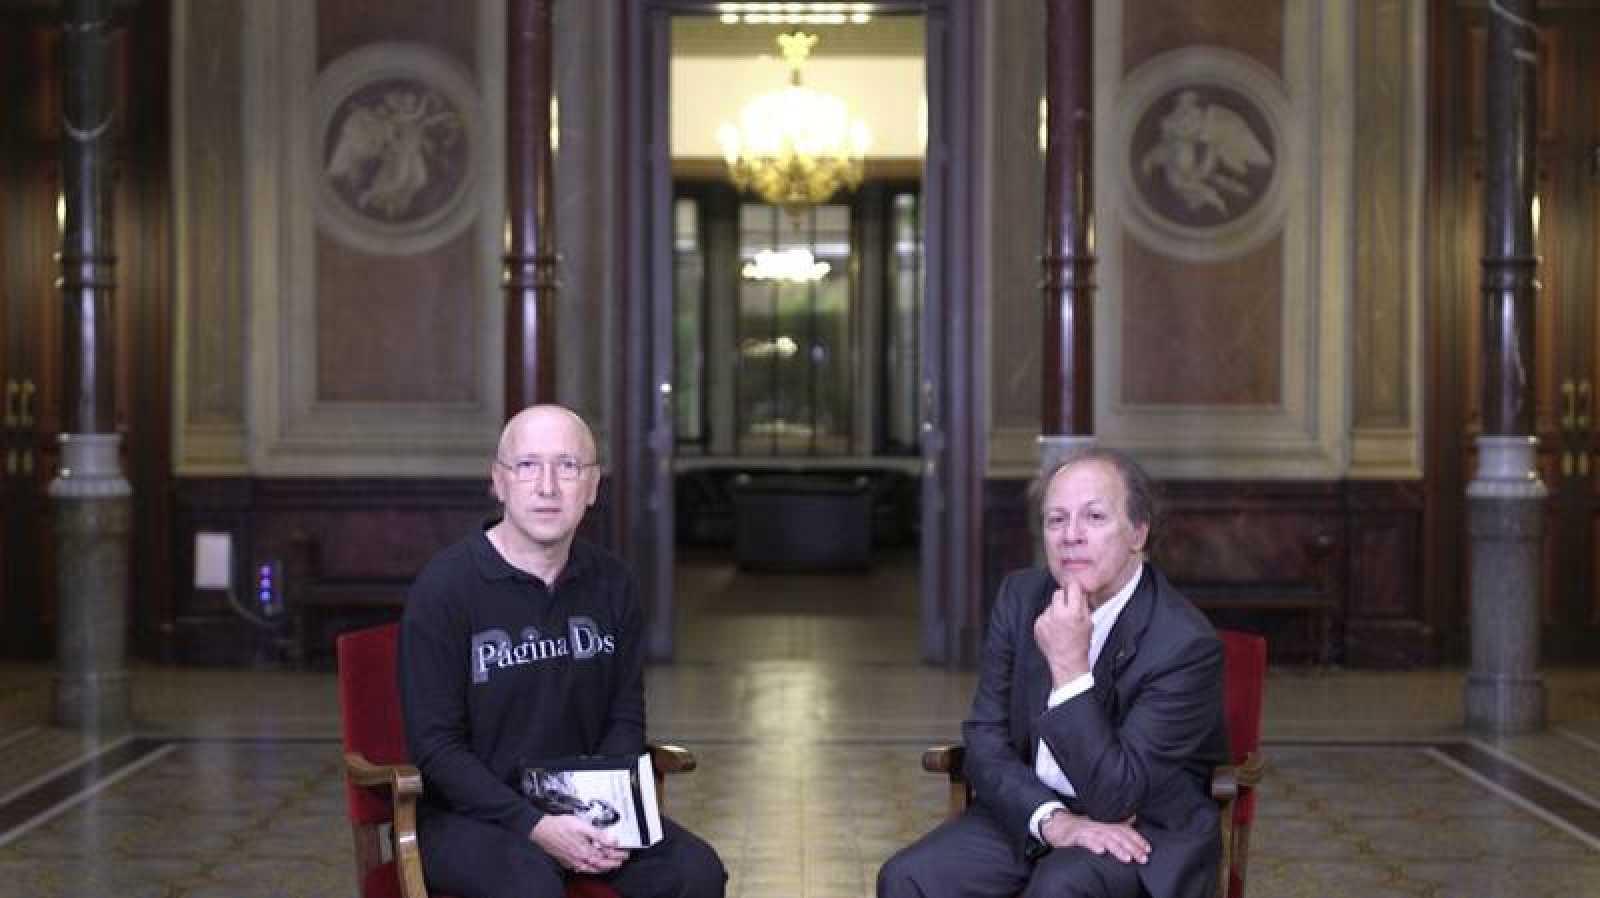 El escritor Javier Marías, con Óscar López, director de 'Página Dos'